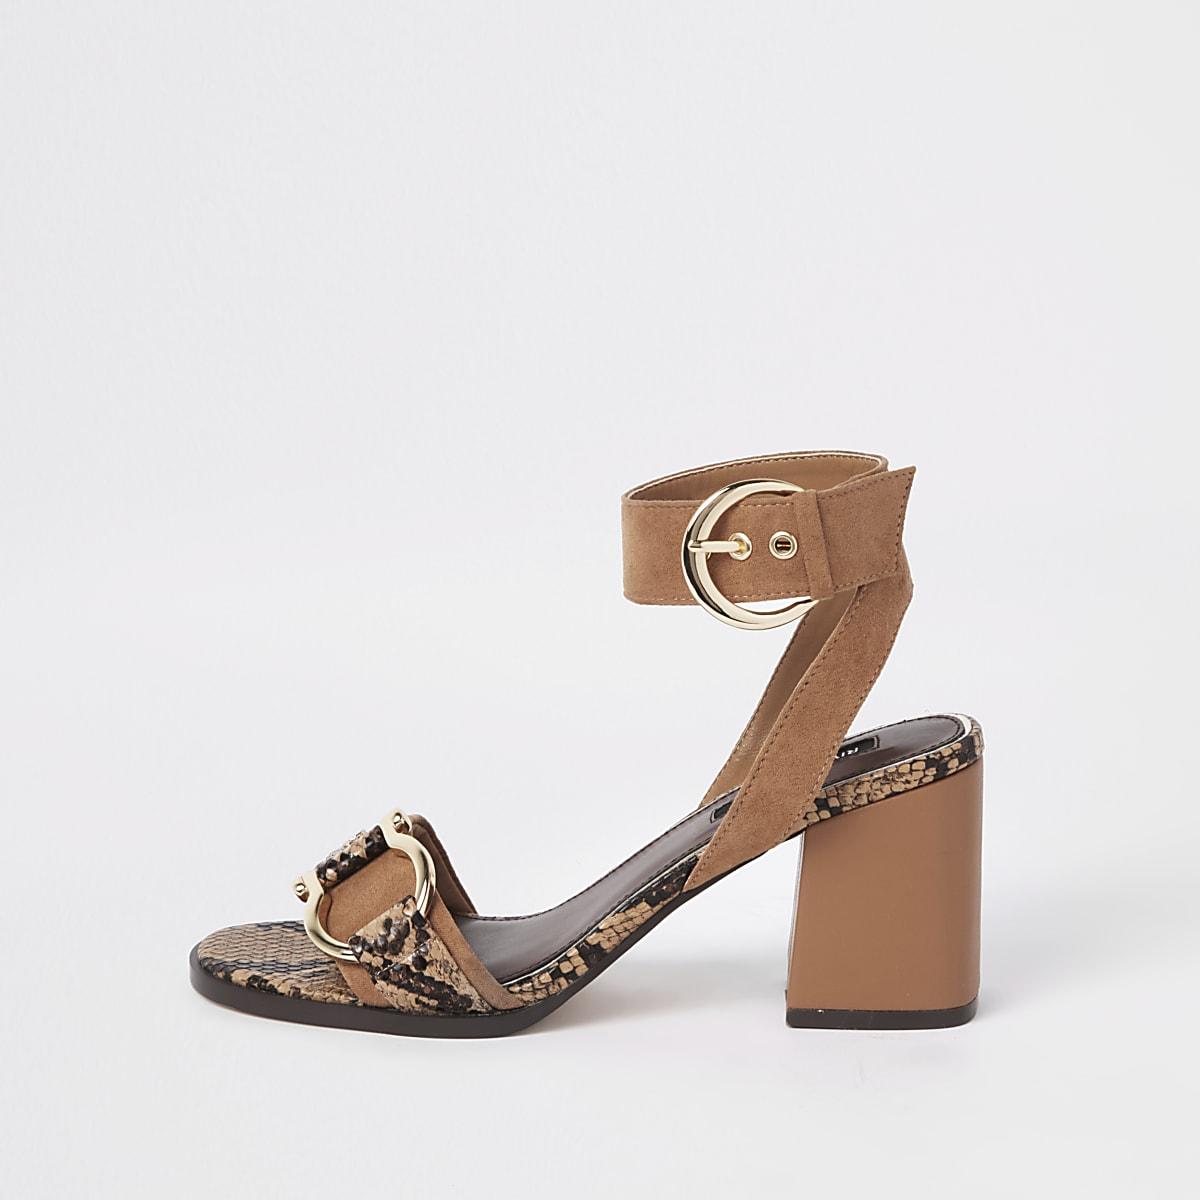 Sandales imprimé serpent marron à talon carré